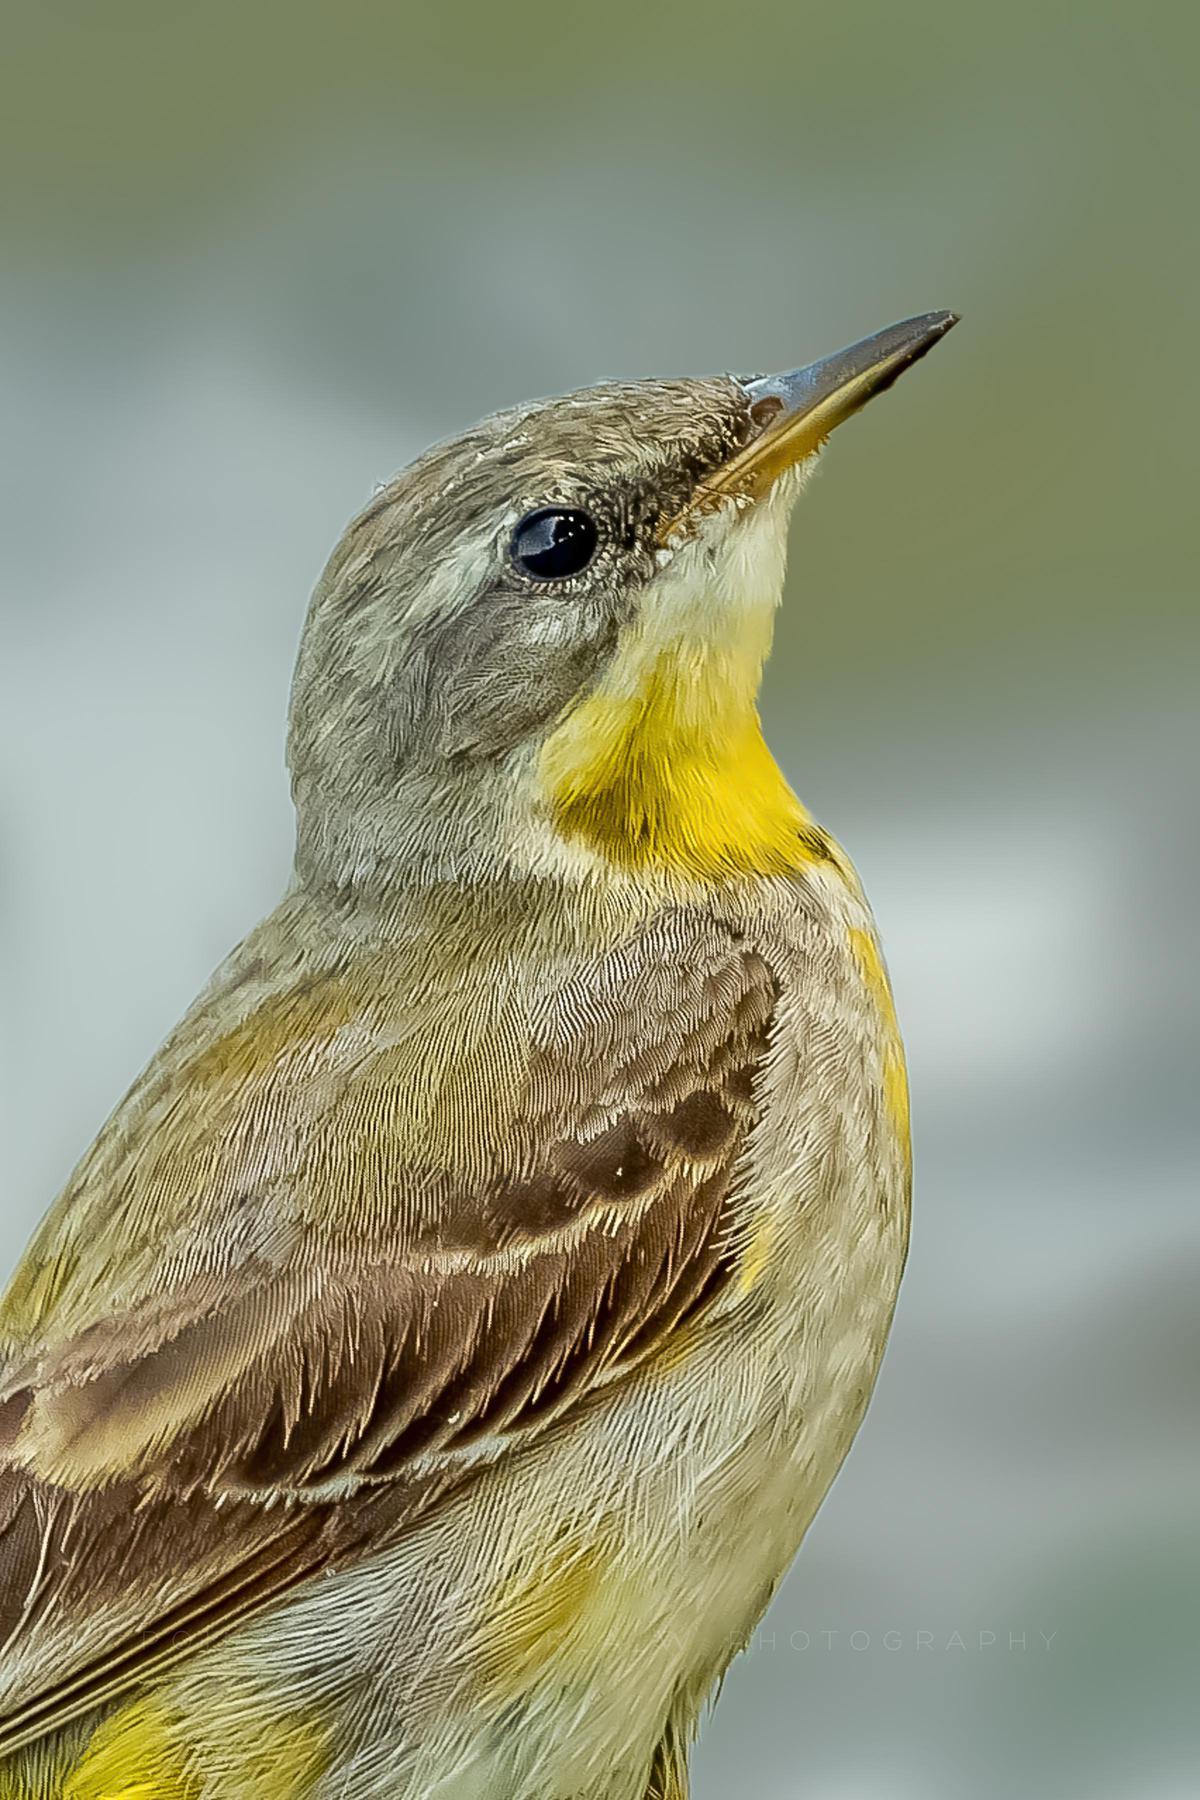 Image of Bird, Vertebrate, Beak, Western Kingbird etc.